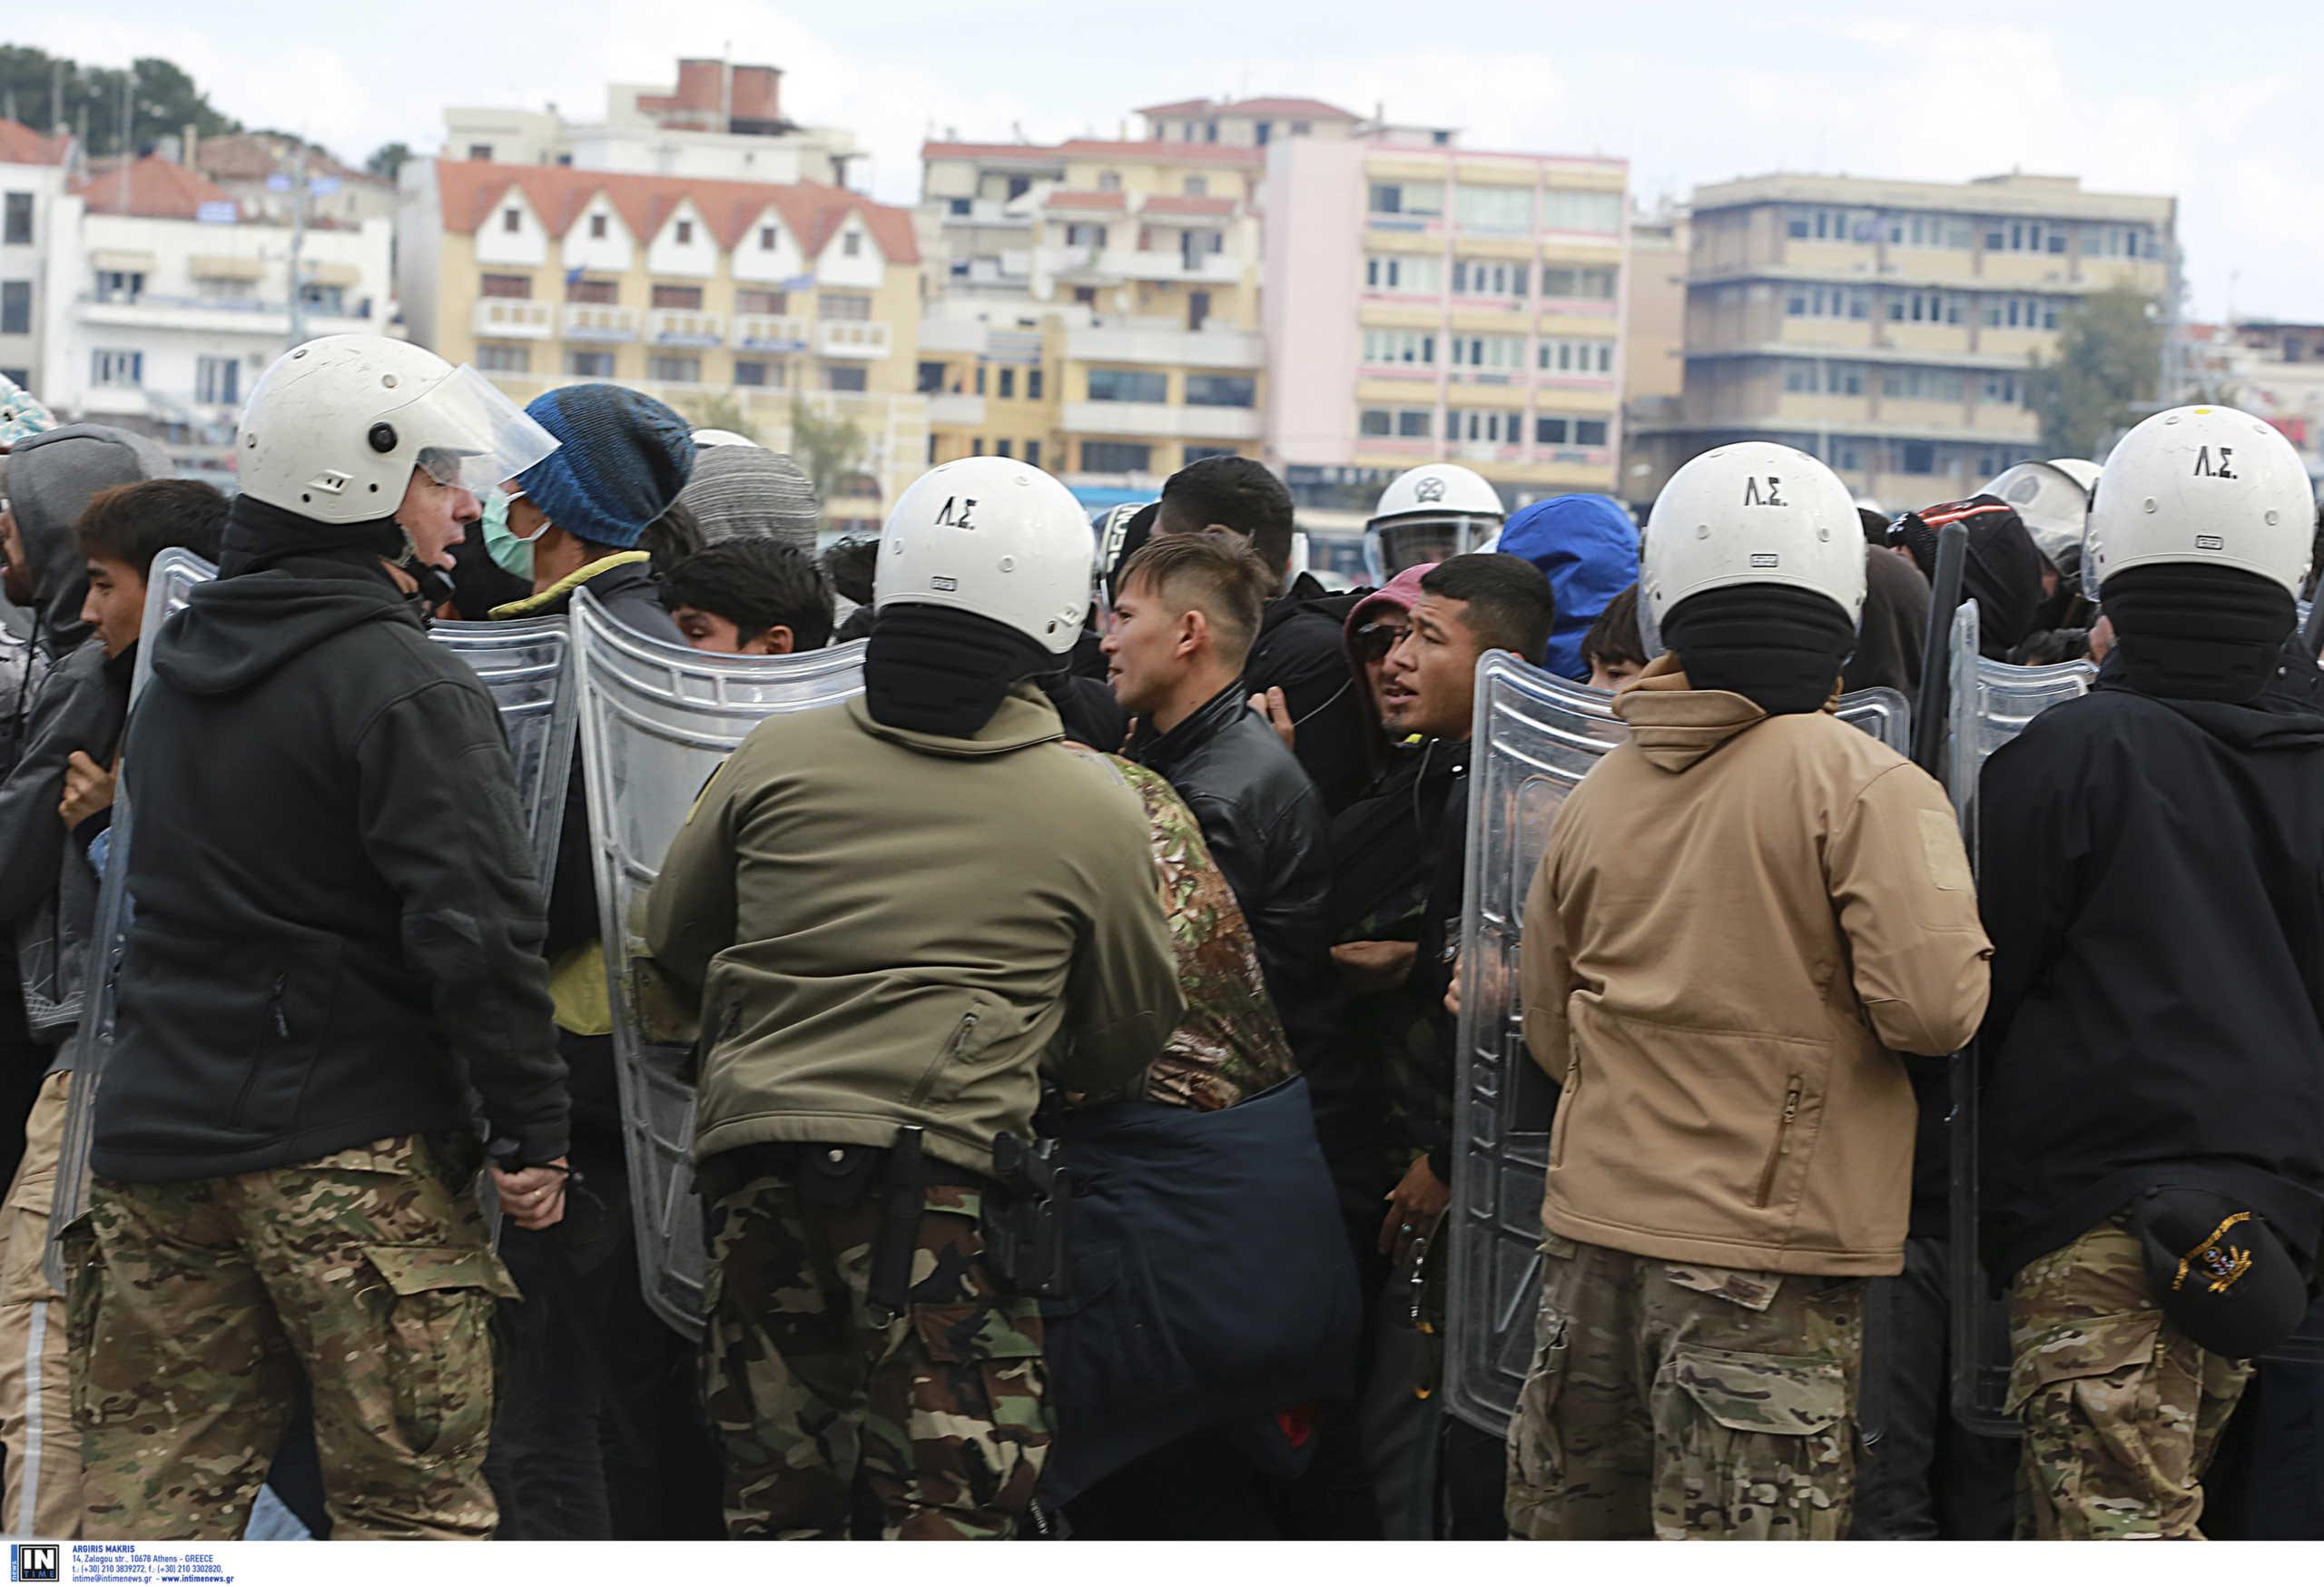 Νέα επεισόδια στο λιμάνι της Μυτιλήνης! Αιτούντες άσυλο θέλουν να φύγουν με το πλοίο της γραμμής